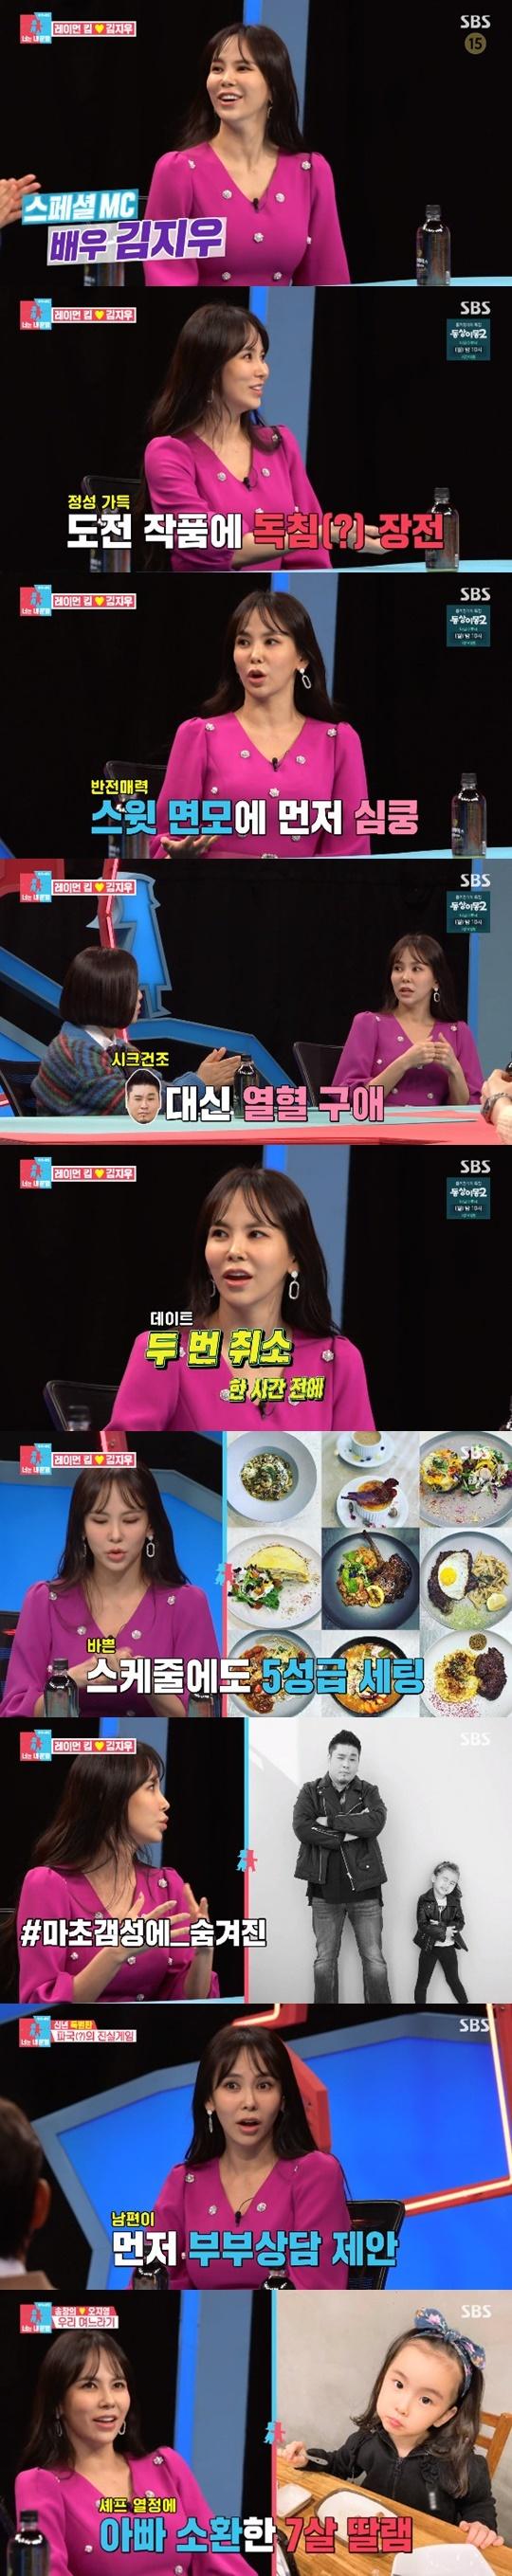 [RE:TV] '브론즈 드림 2'김지우, 김 레이먼, '보그'최초 → 초청 데이트